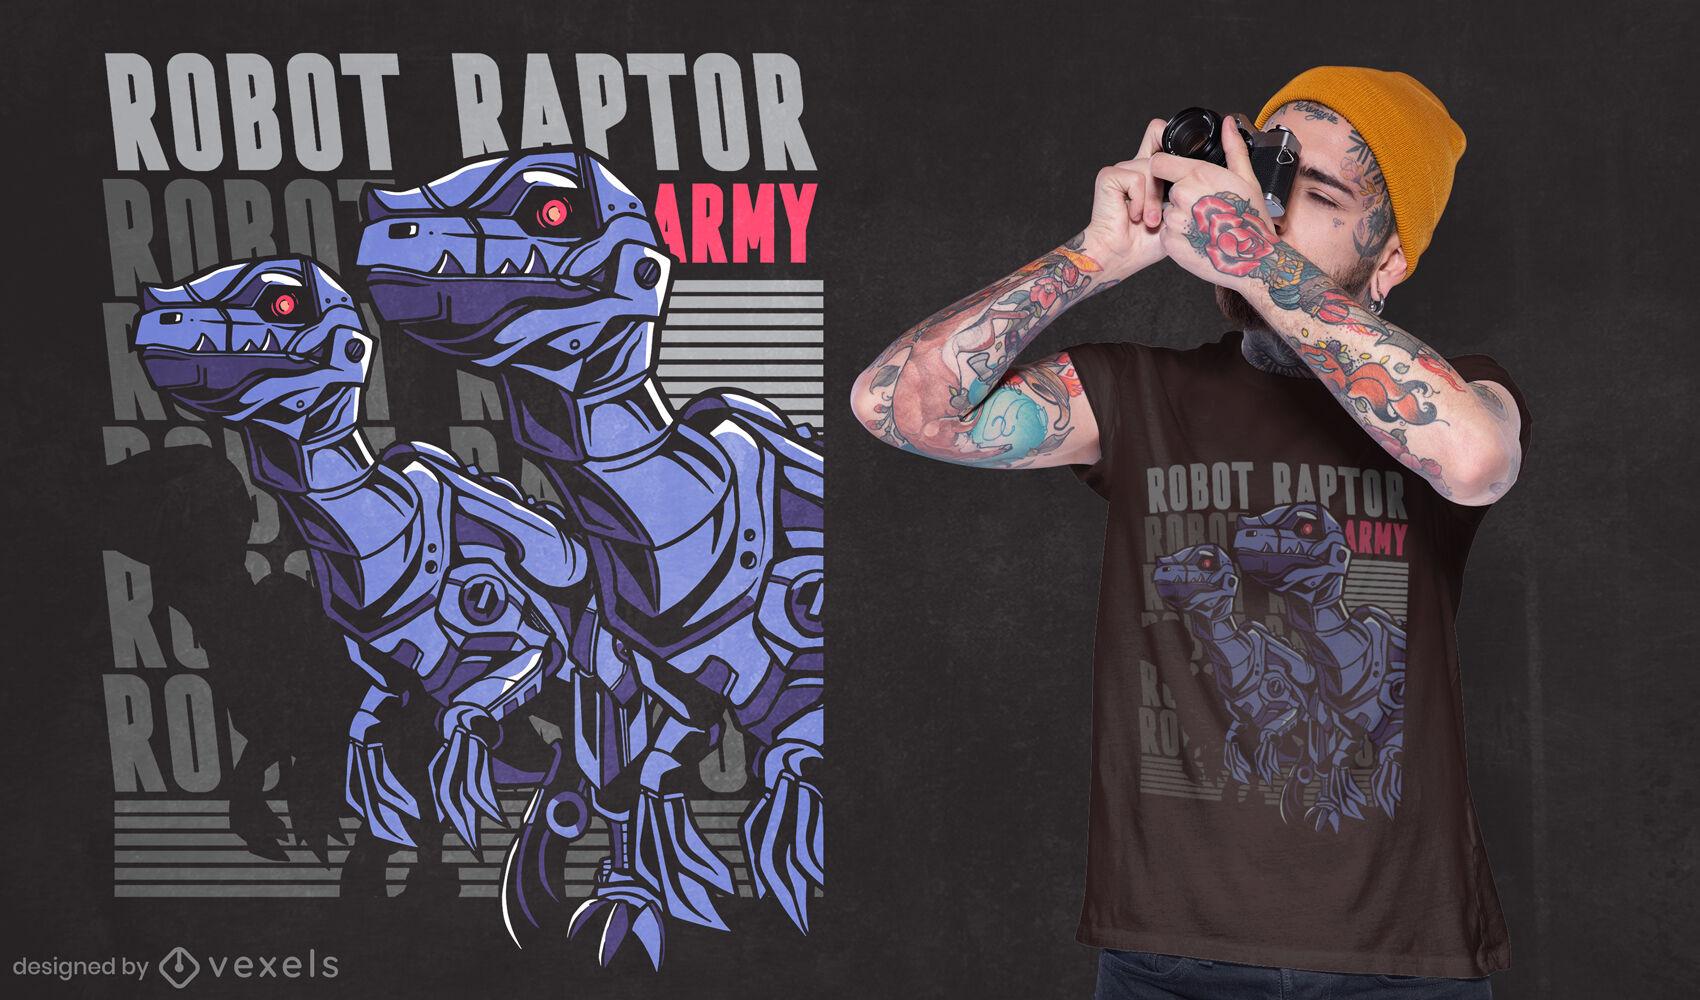 Genial diseño de camiseta robot raptor.